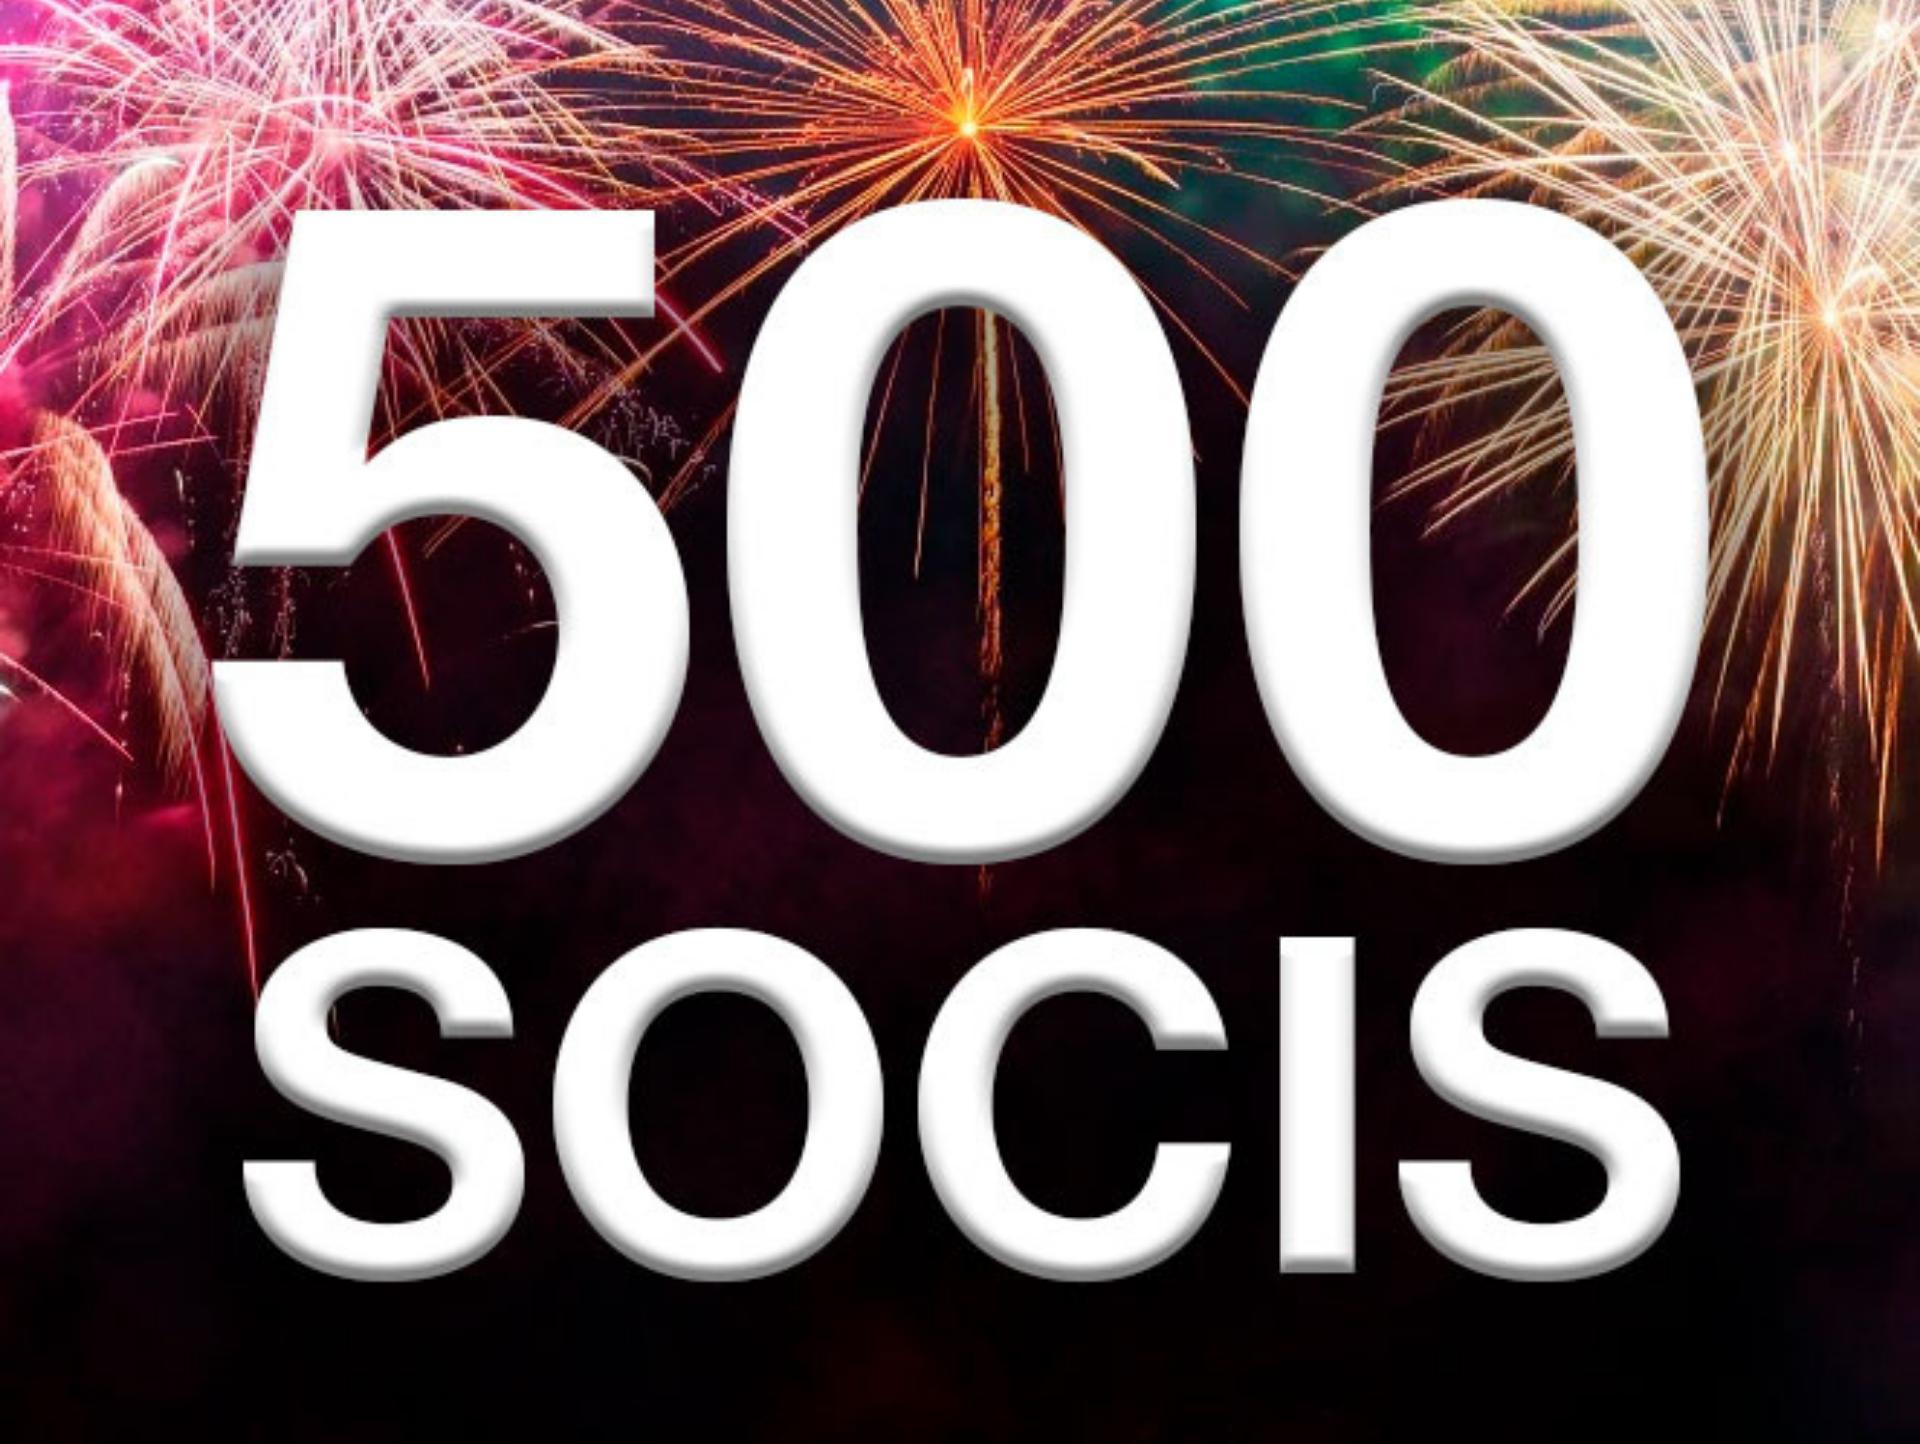 Princiesport arriba als 500 abonats!